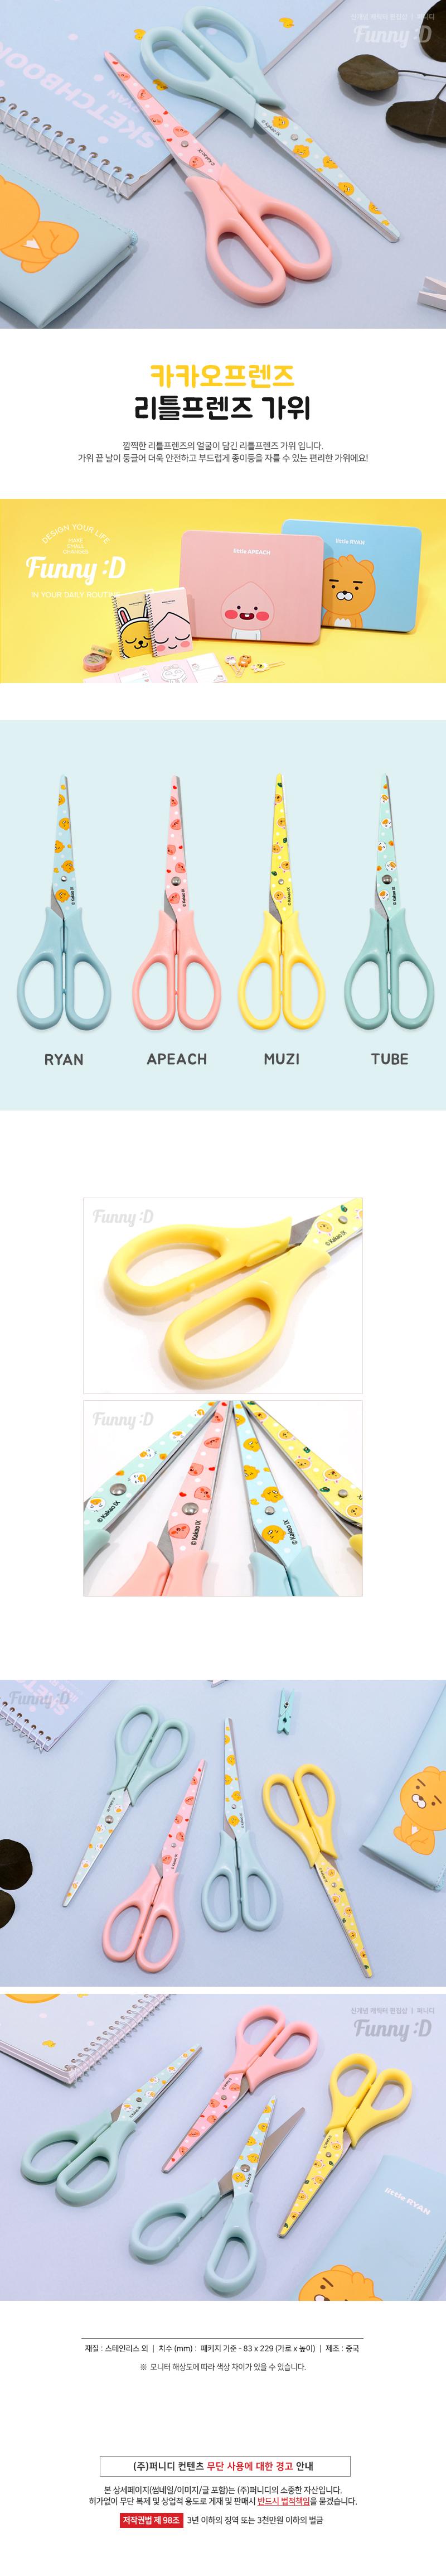 카카오프렌즈 리틀 학용품 가위 - 카카오프렌즈, 2,500원, 커터기/가위, 캐릭터가위